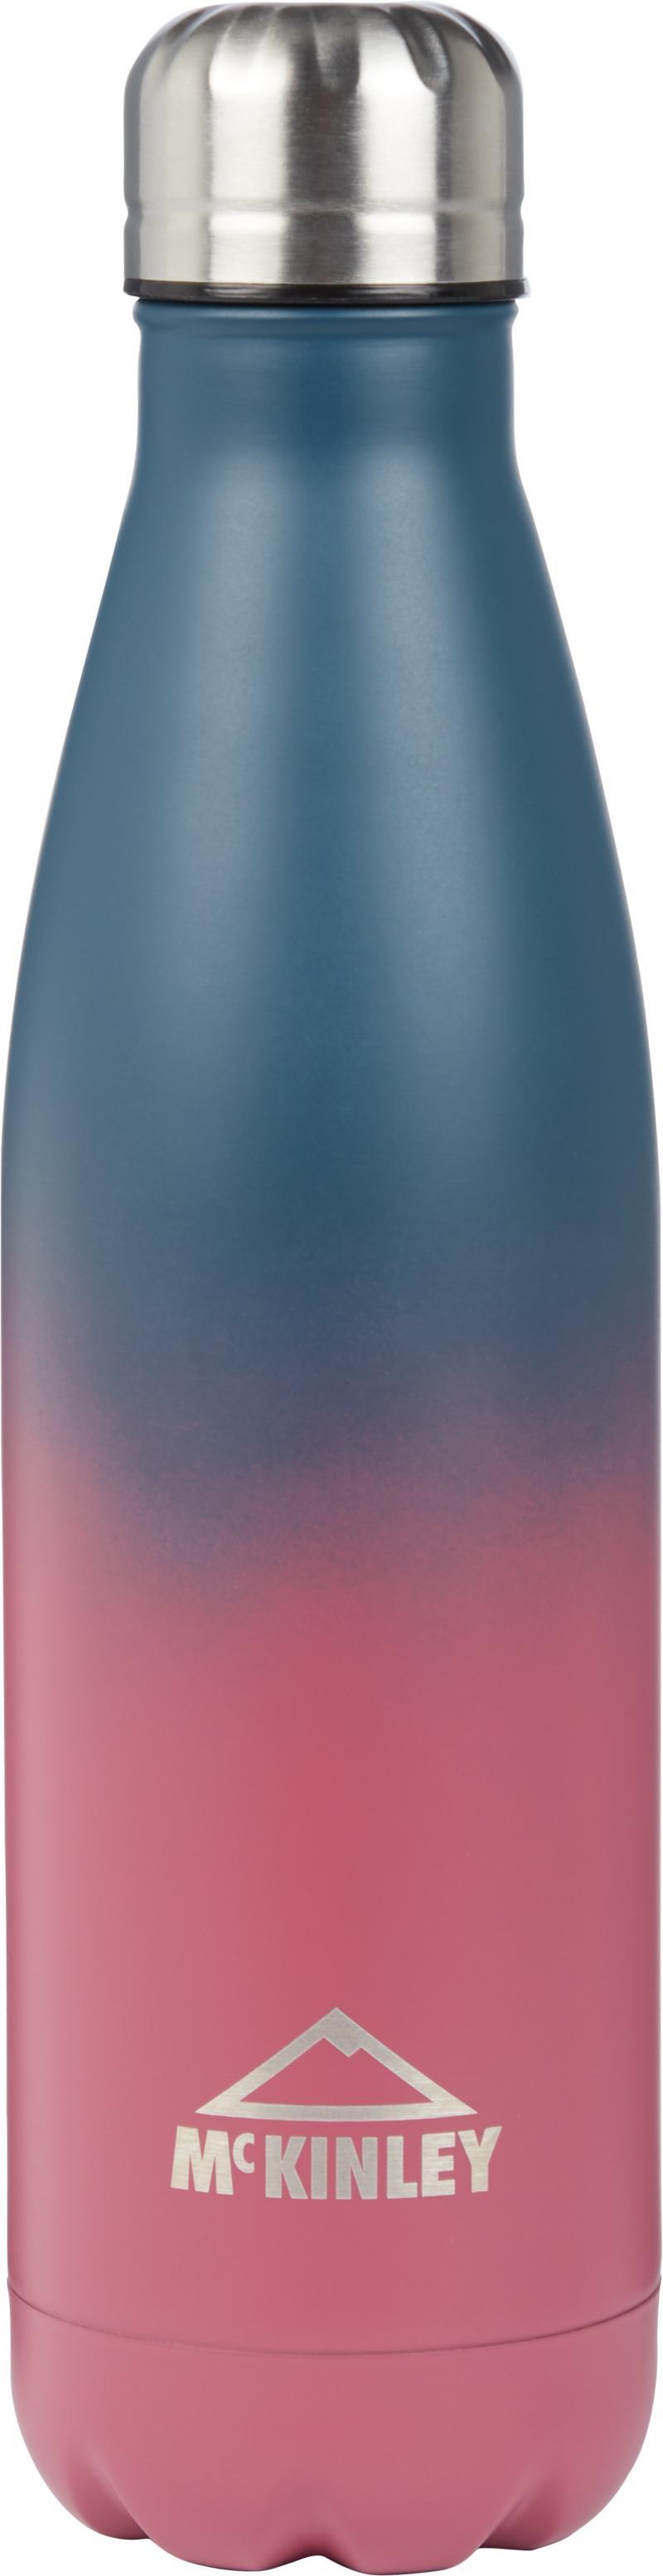 McKinley STAINLESS STEEL DOUBLE 0,5L ROCKET, steklenica, modra